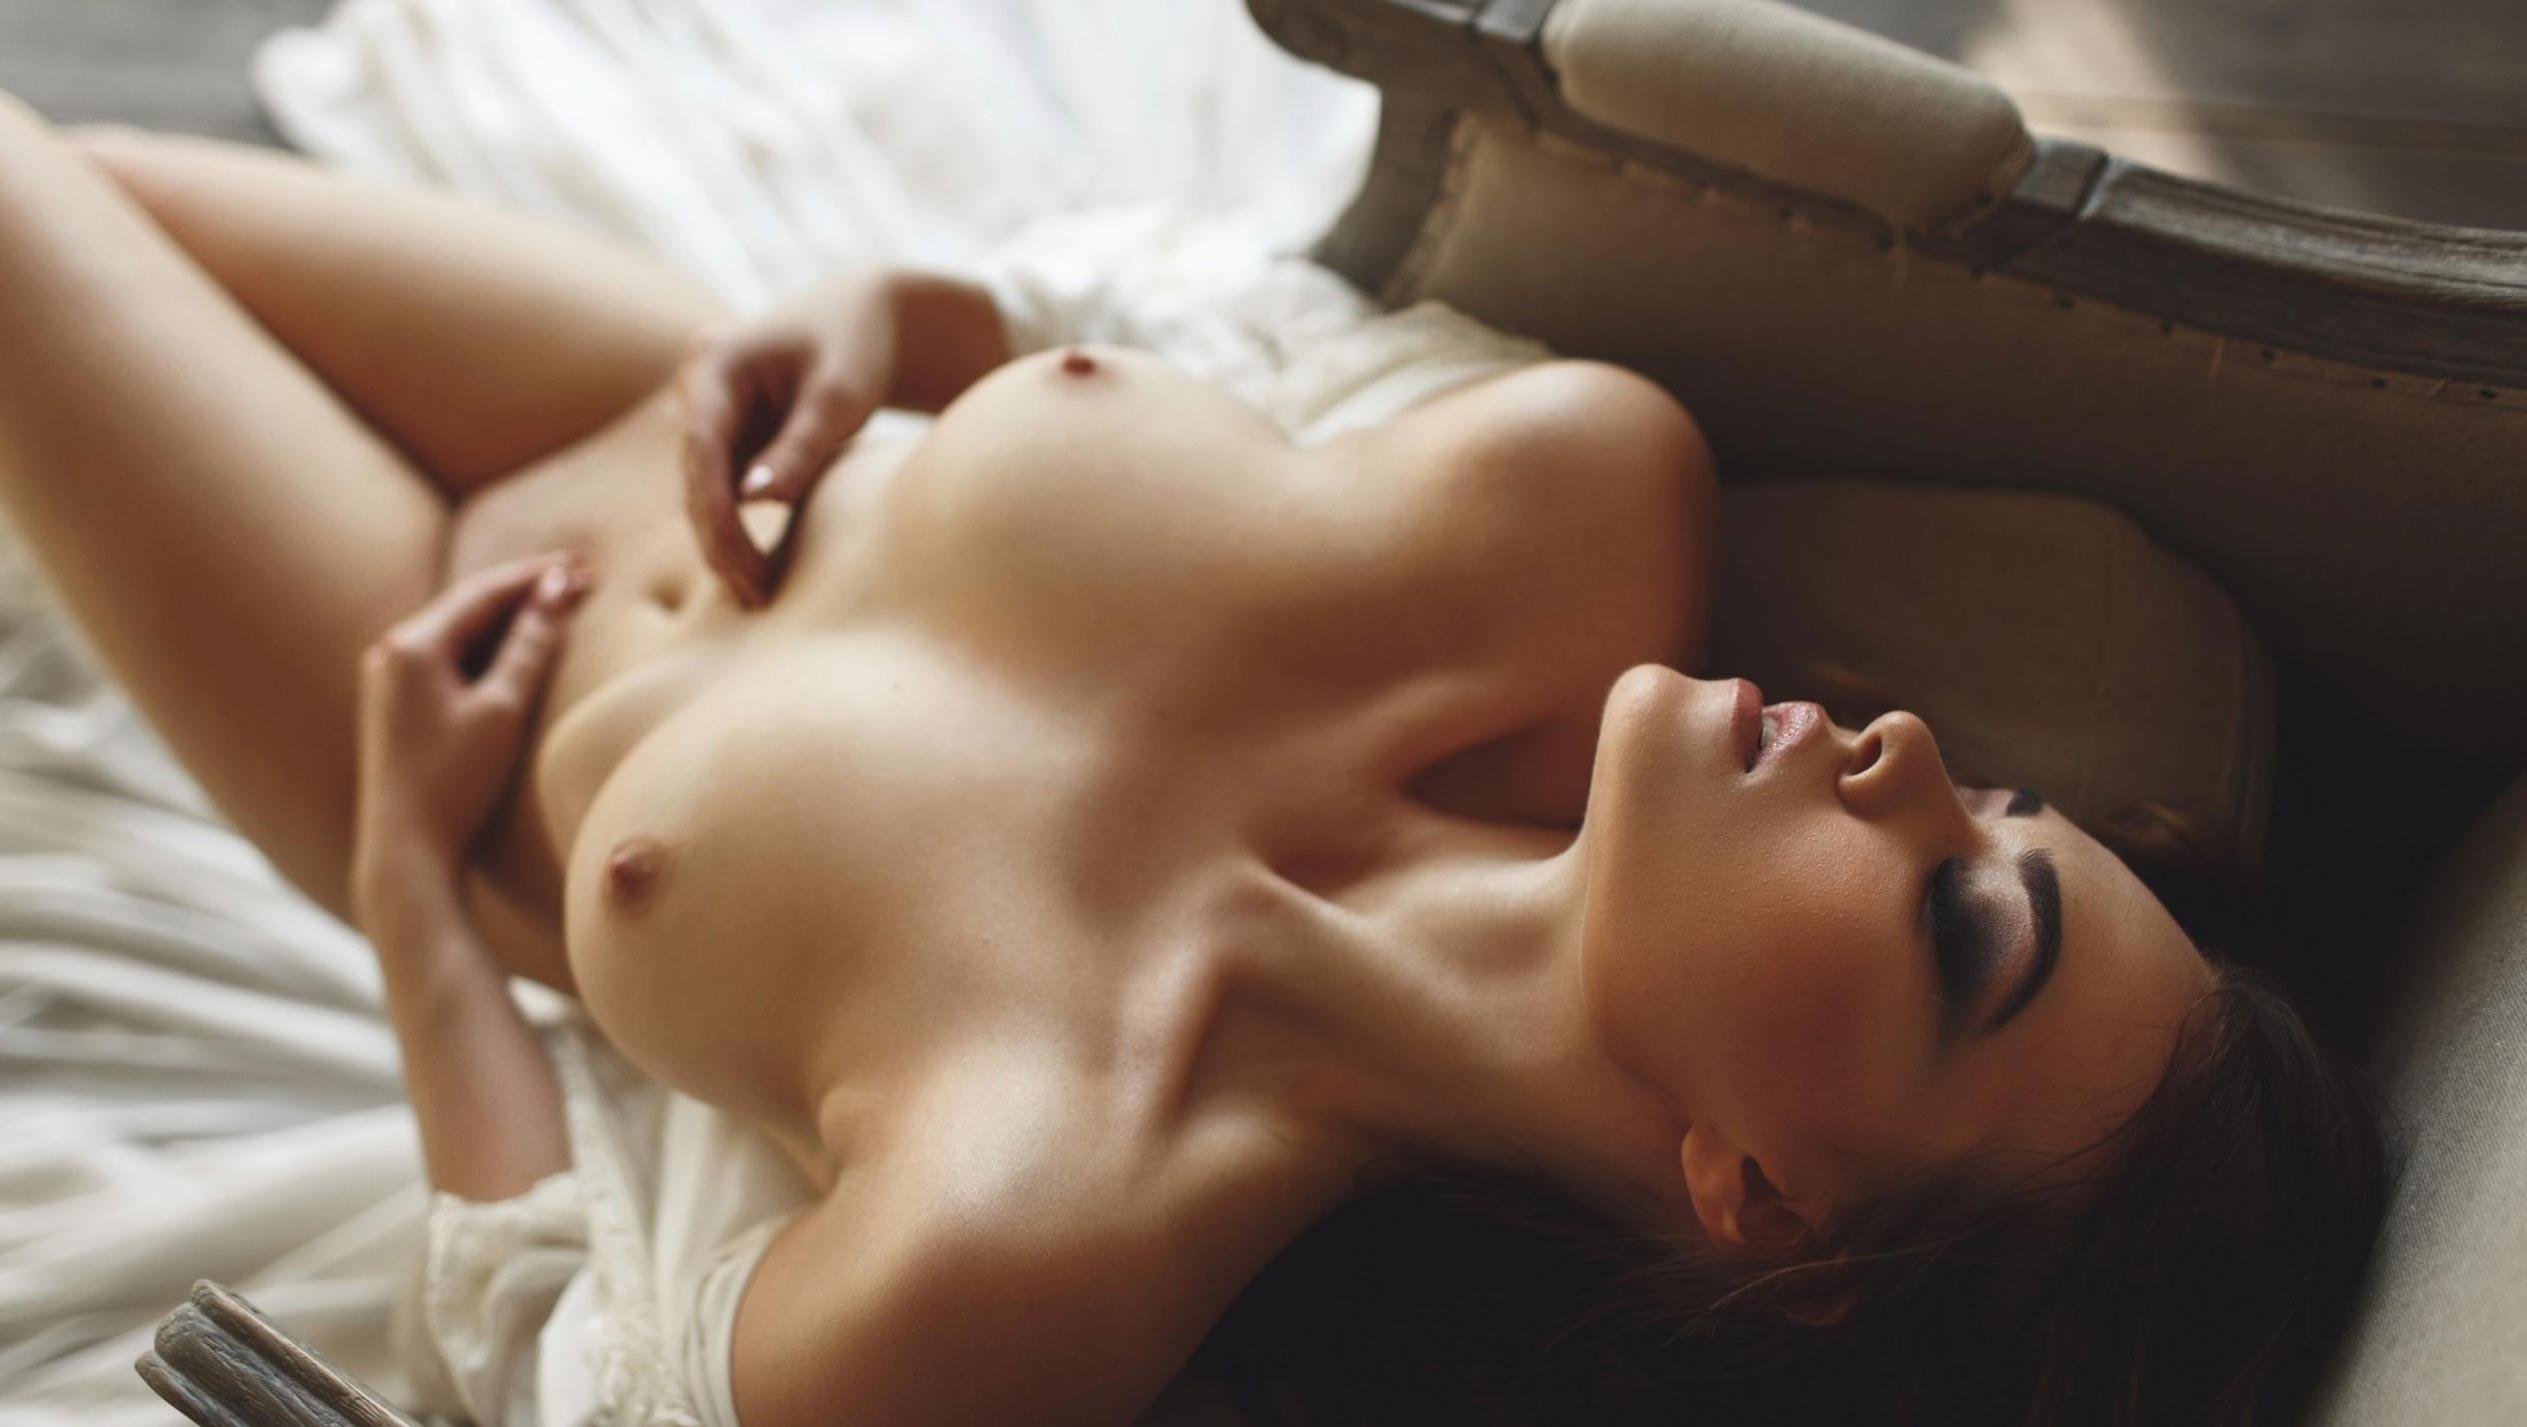 голая модель в винтажных интерьерах / сексуальная Эллина Мюллер / фото 09